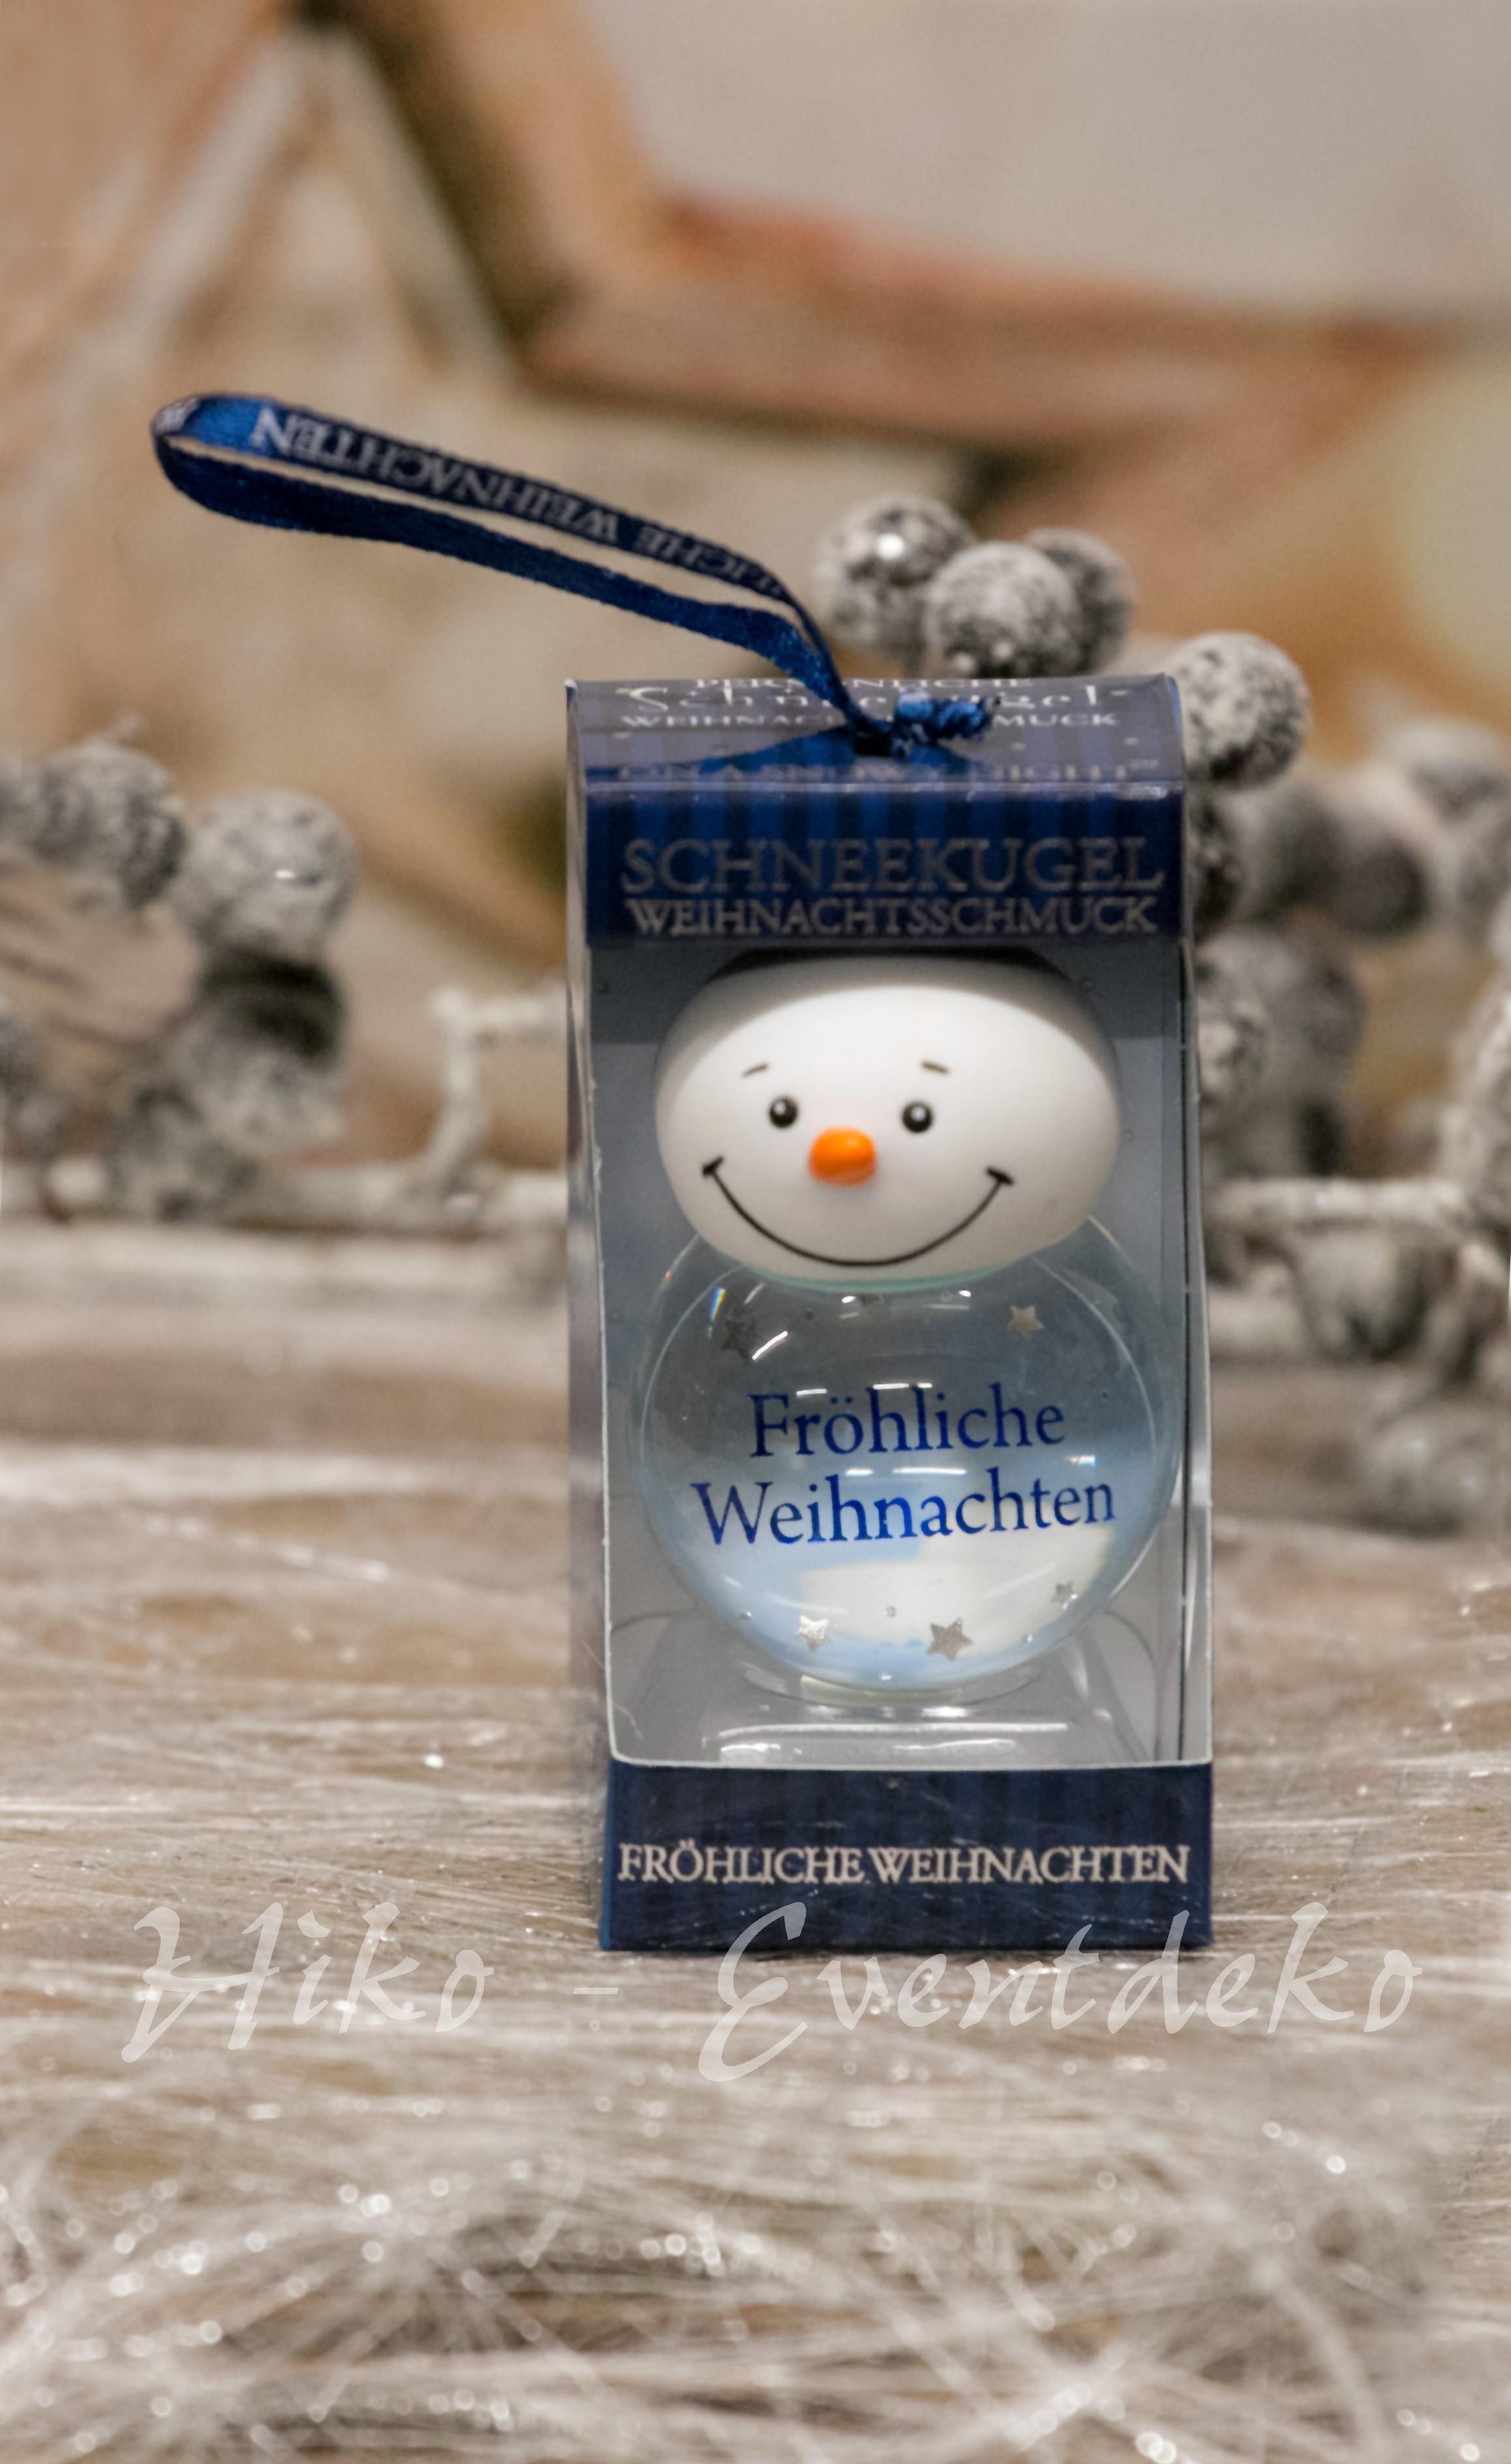 Persönliche Schneekugel Fröhliche Weihnachten   Persönliche ...